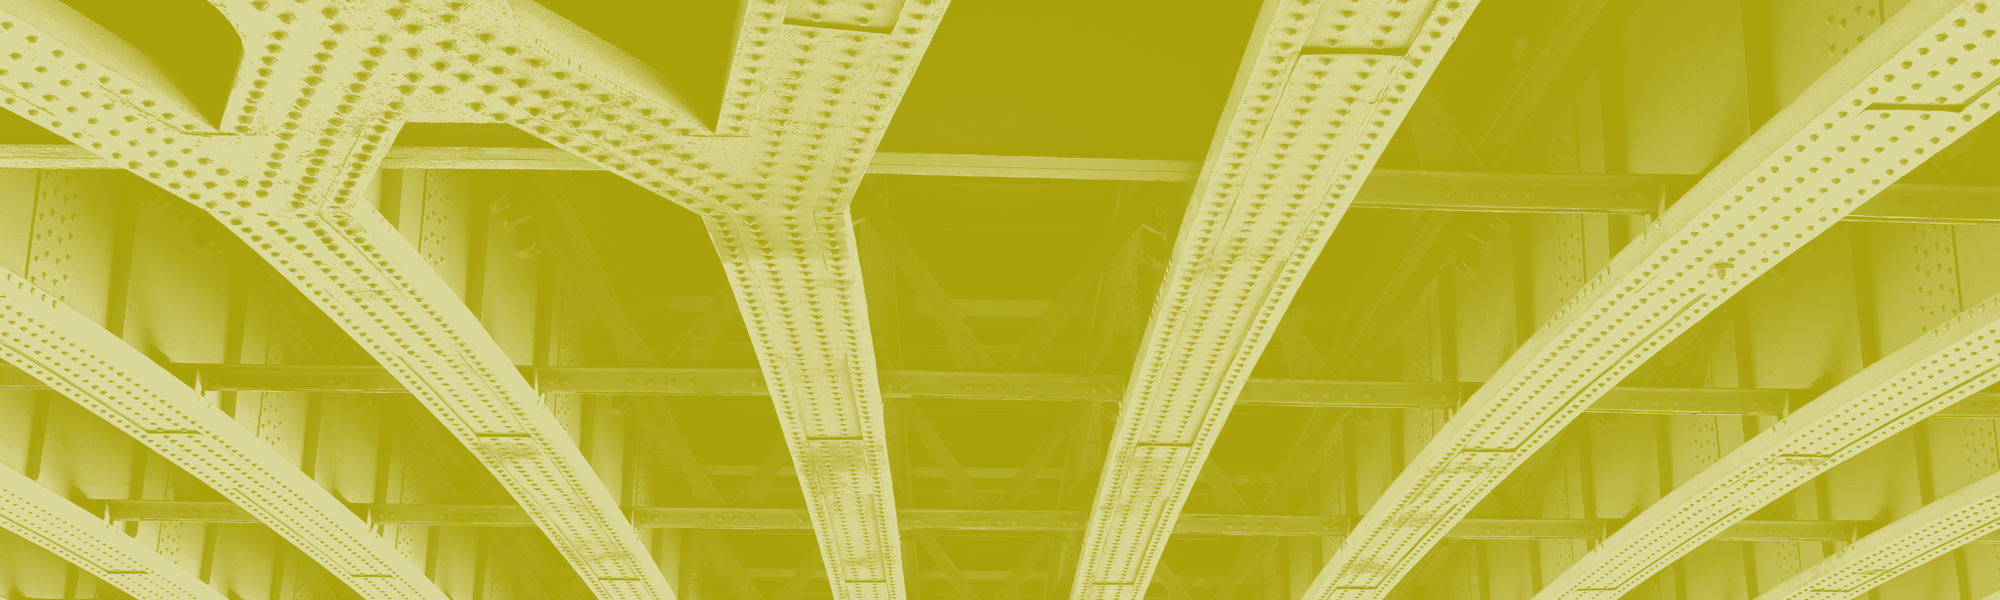 2000x600_bridge-duo.jpg